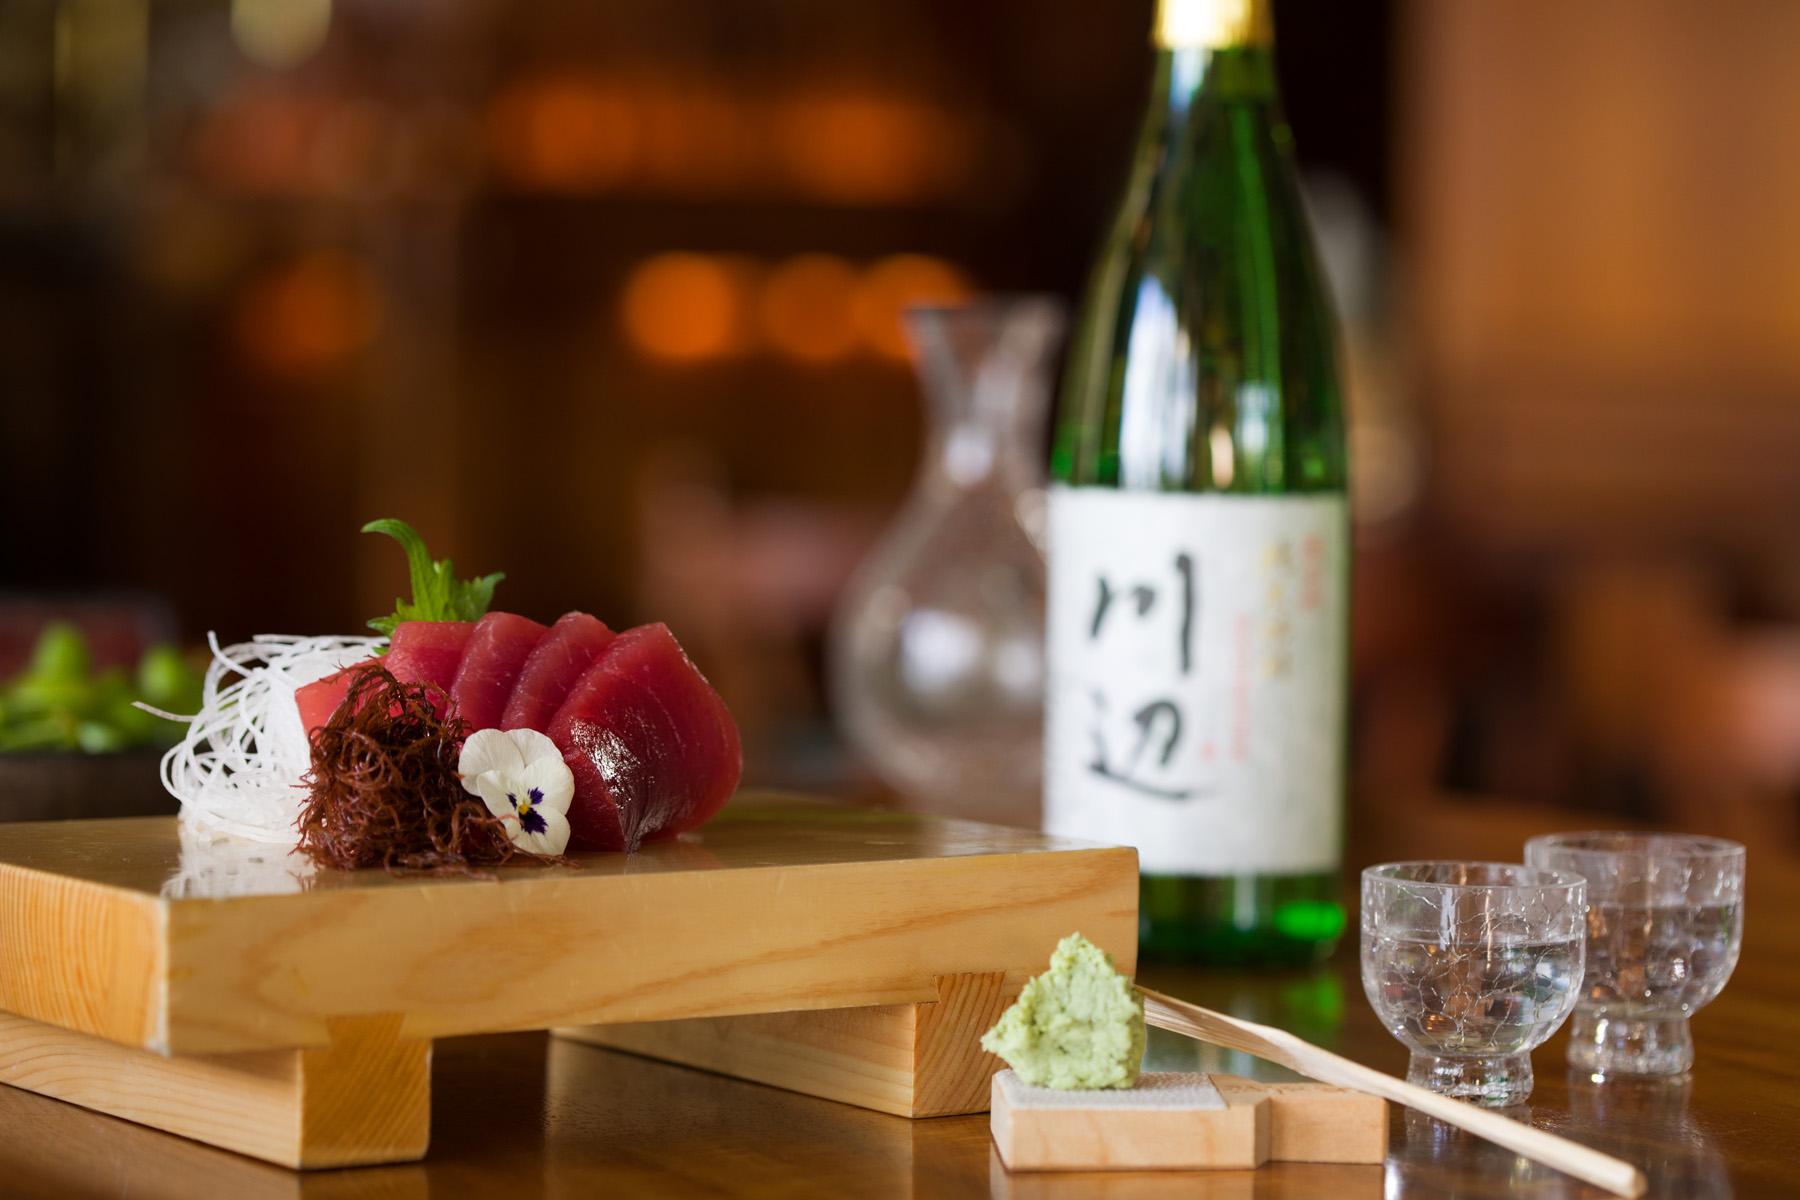 20171214_GH2_Shot2_Sushi_0317.jpg